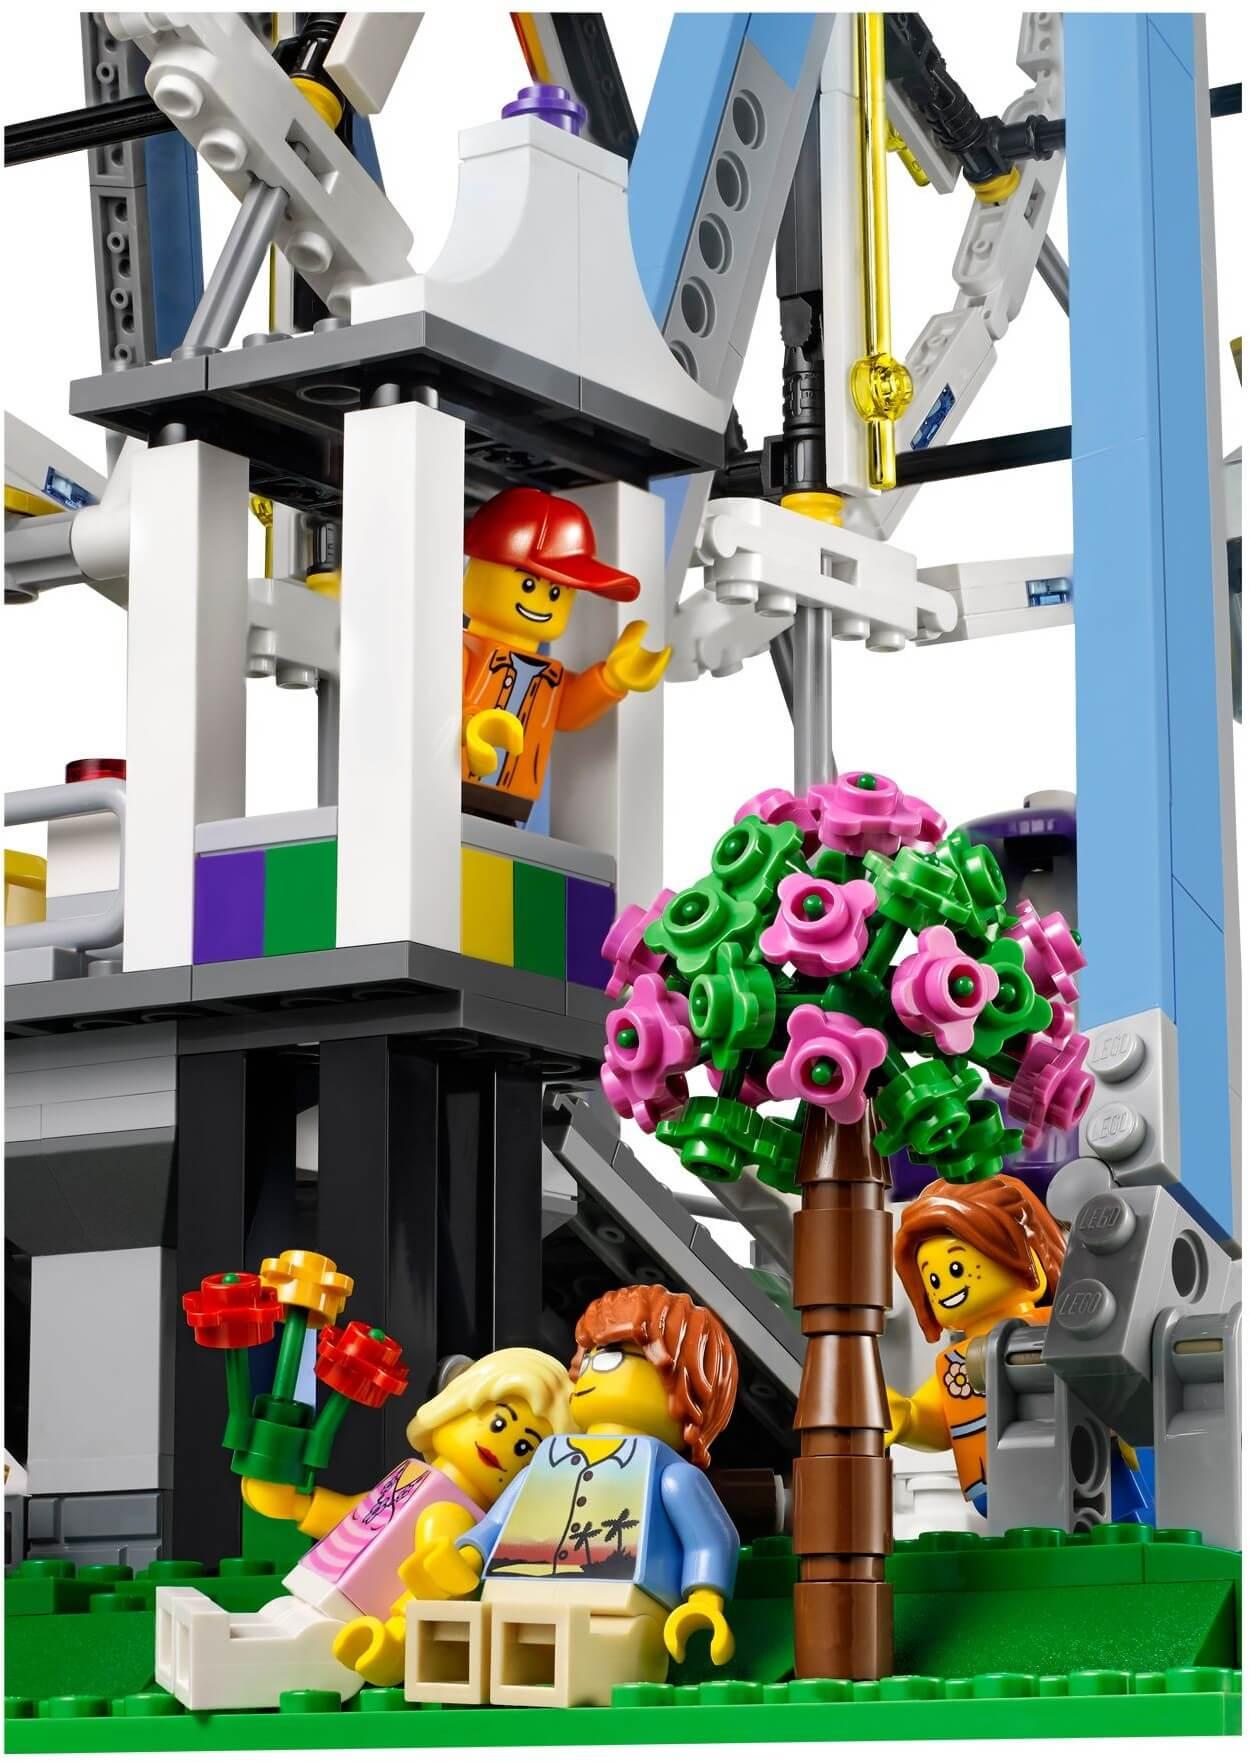 Mua đồ chơi LEGO 10247 - LEGO Creator Expert 10247 - Mô hình cao cấp Vòng đu quay giải trí Khổng lồ (LEGO Creator Expert Ferris Wheel 10247)